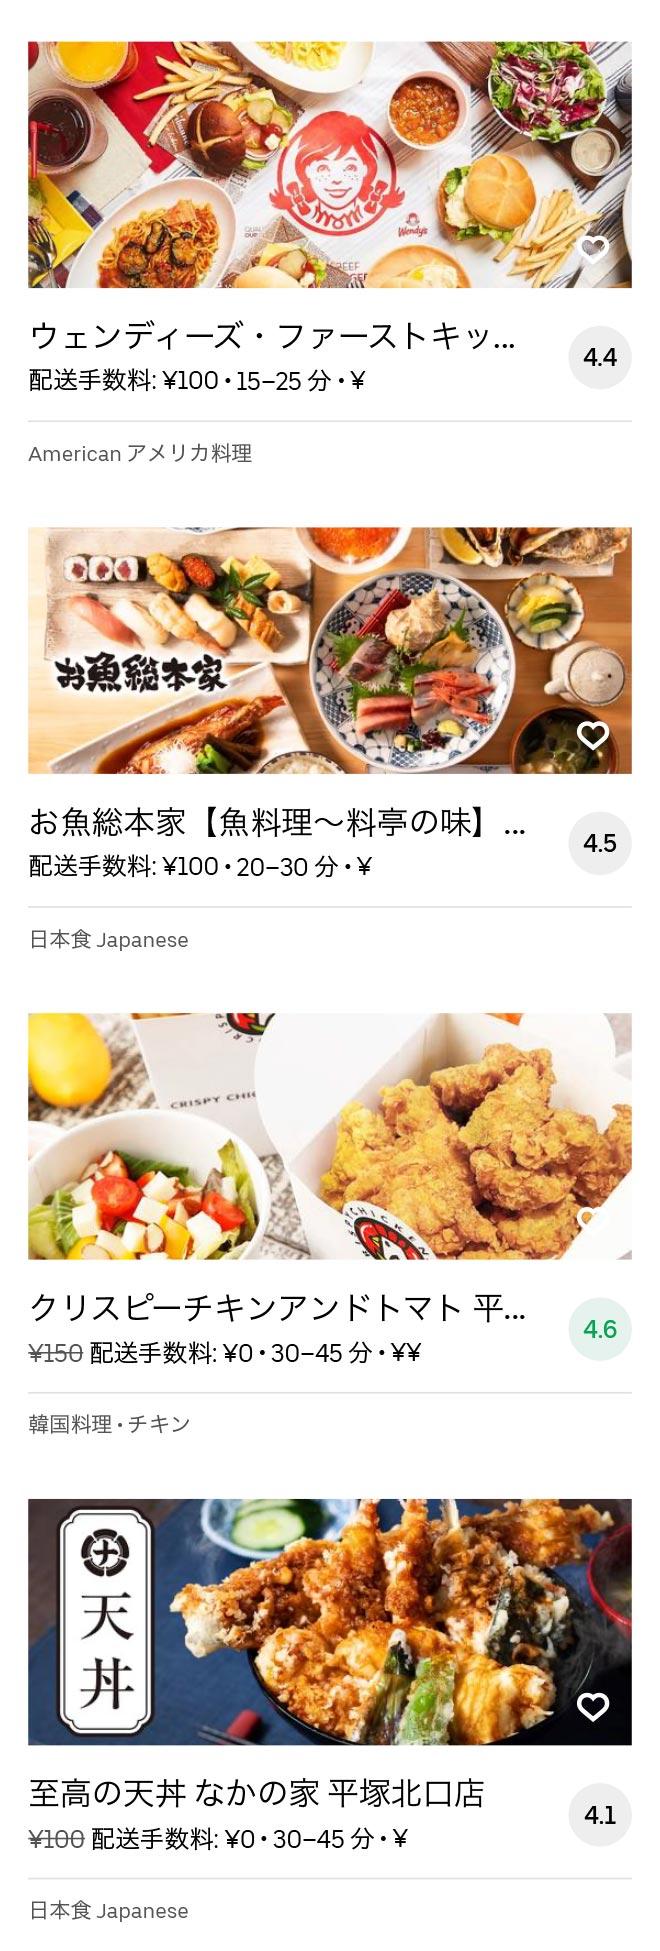 Hiratsuka menu 2008 04